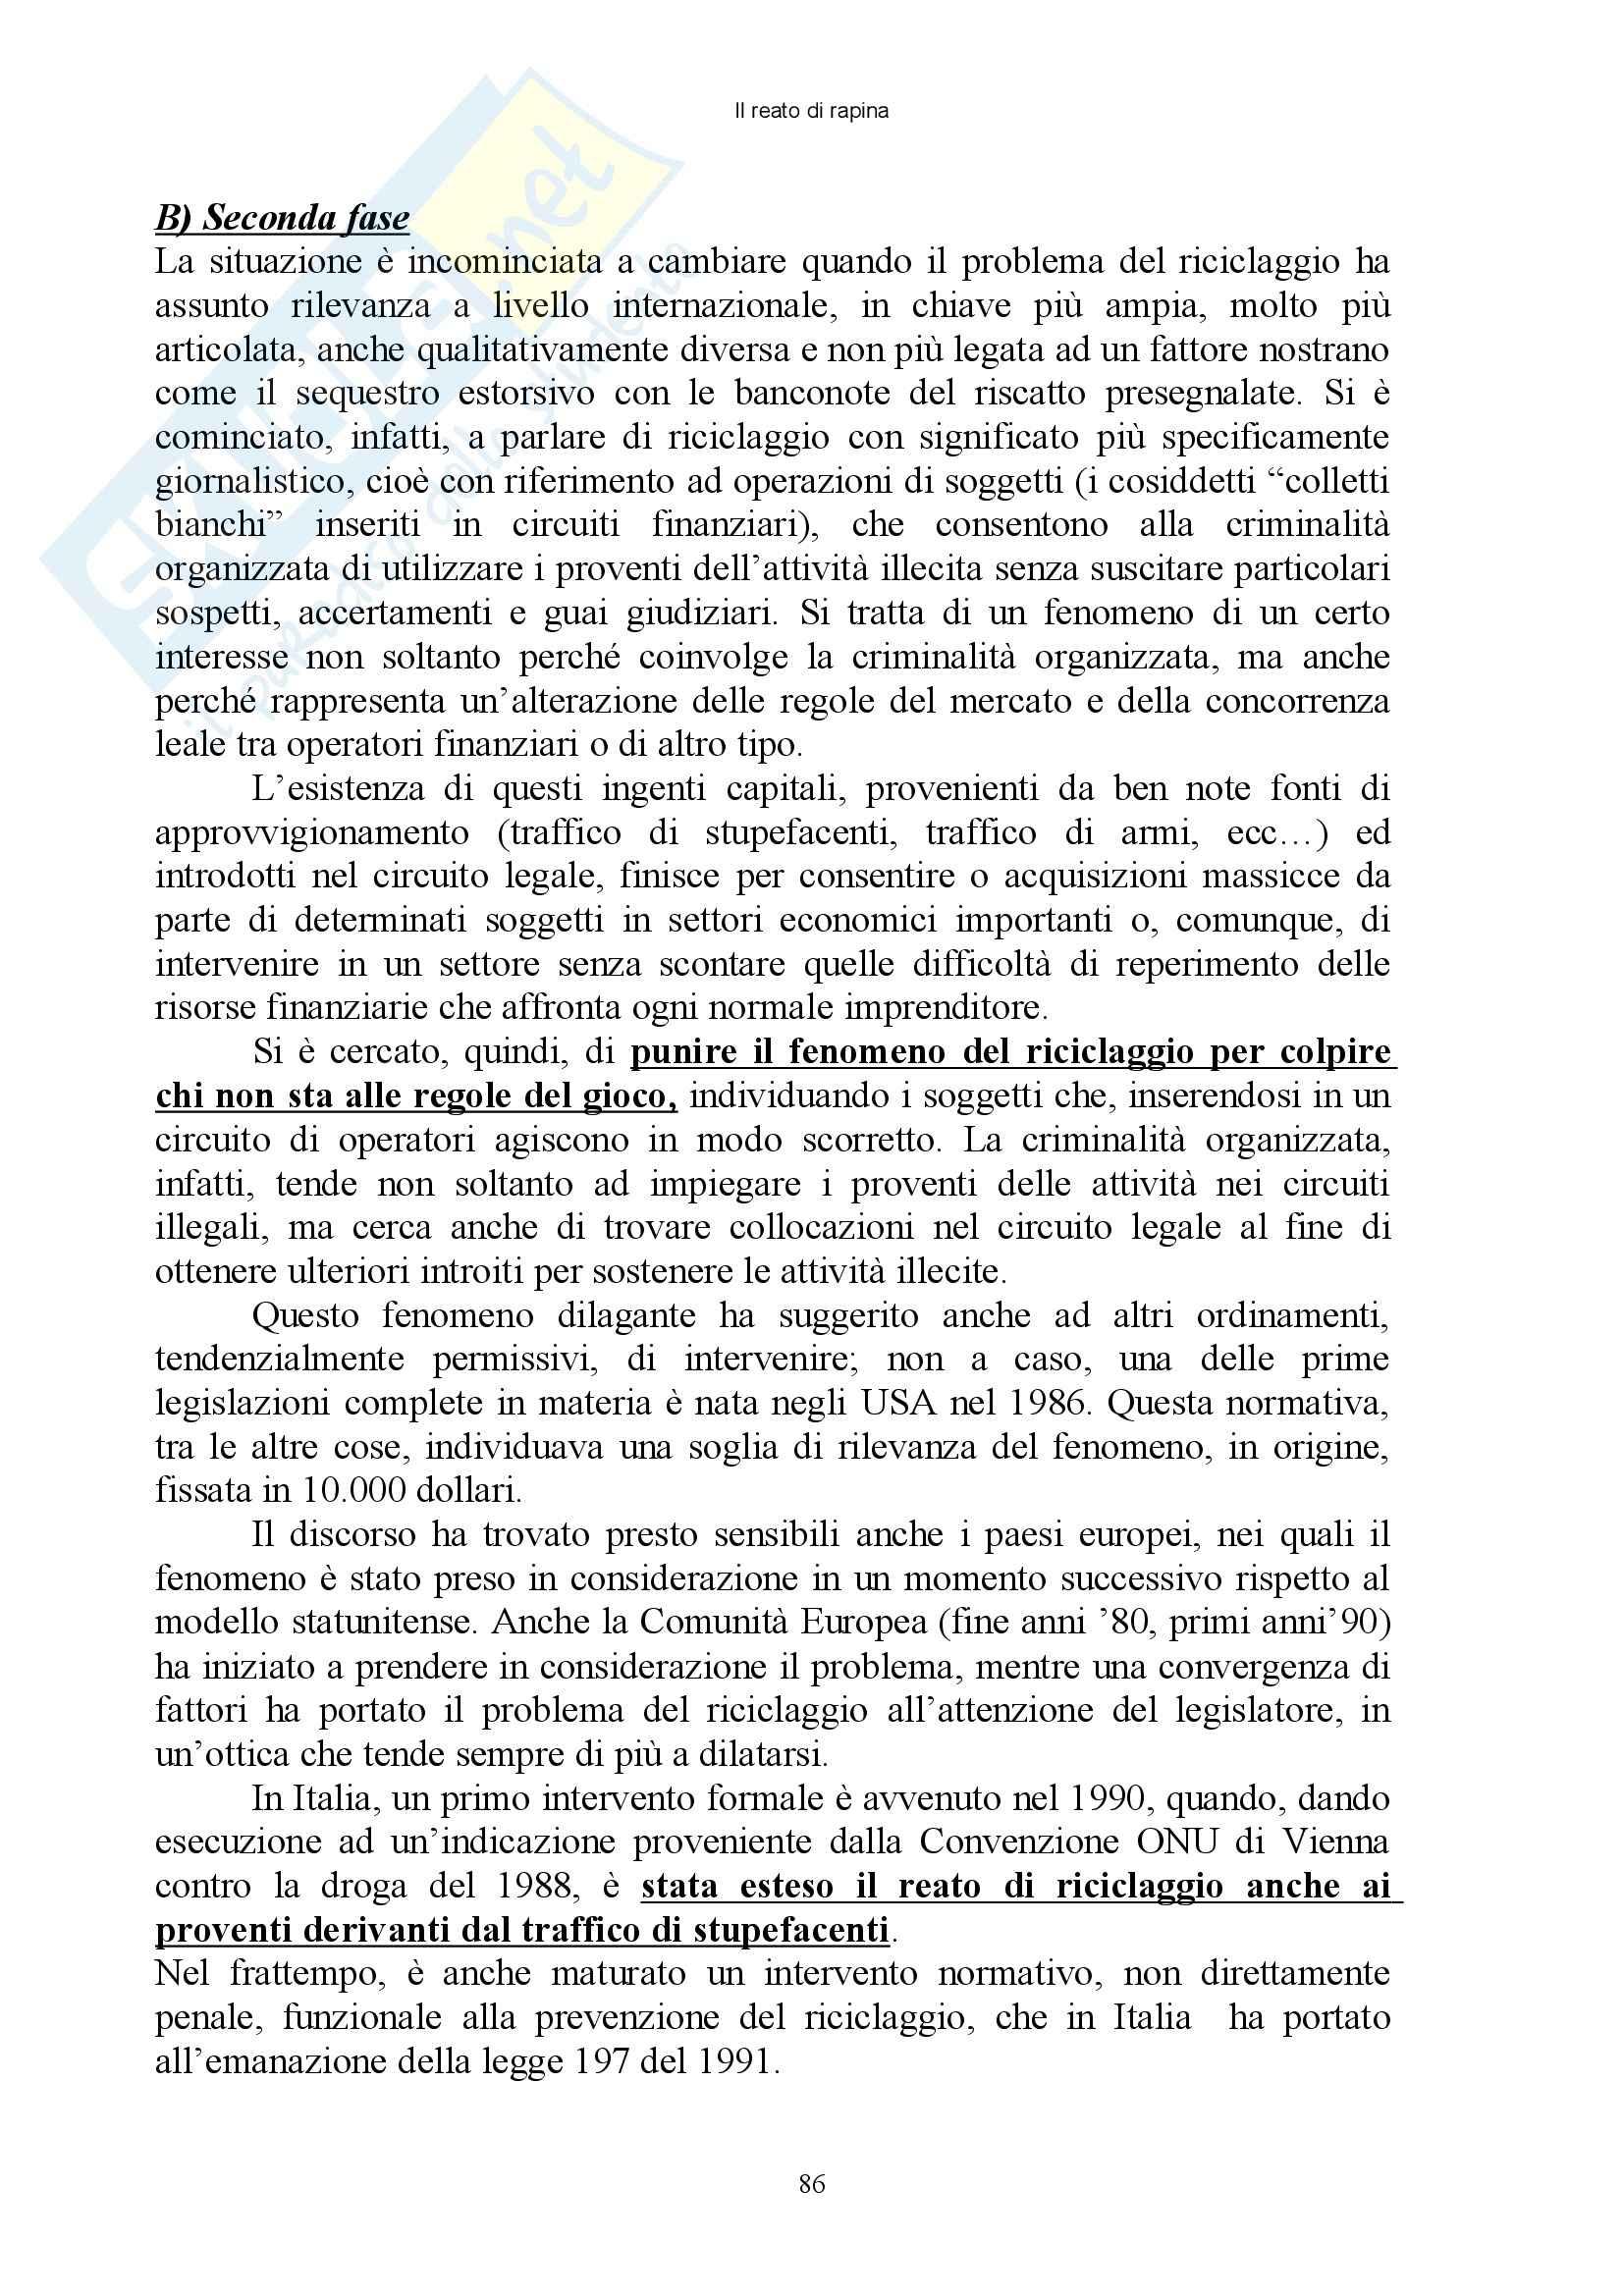 Diritto penale - reati contro il patrimonio - Appunti Pag. 86